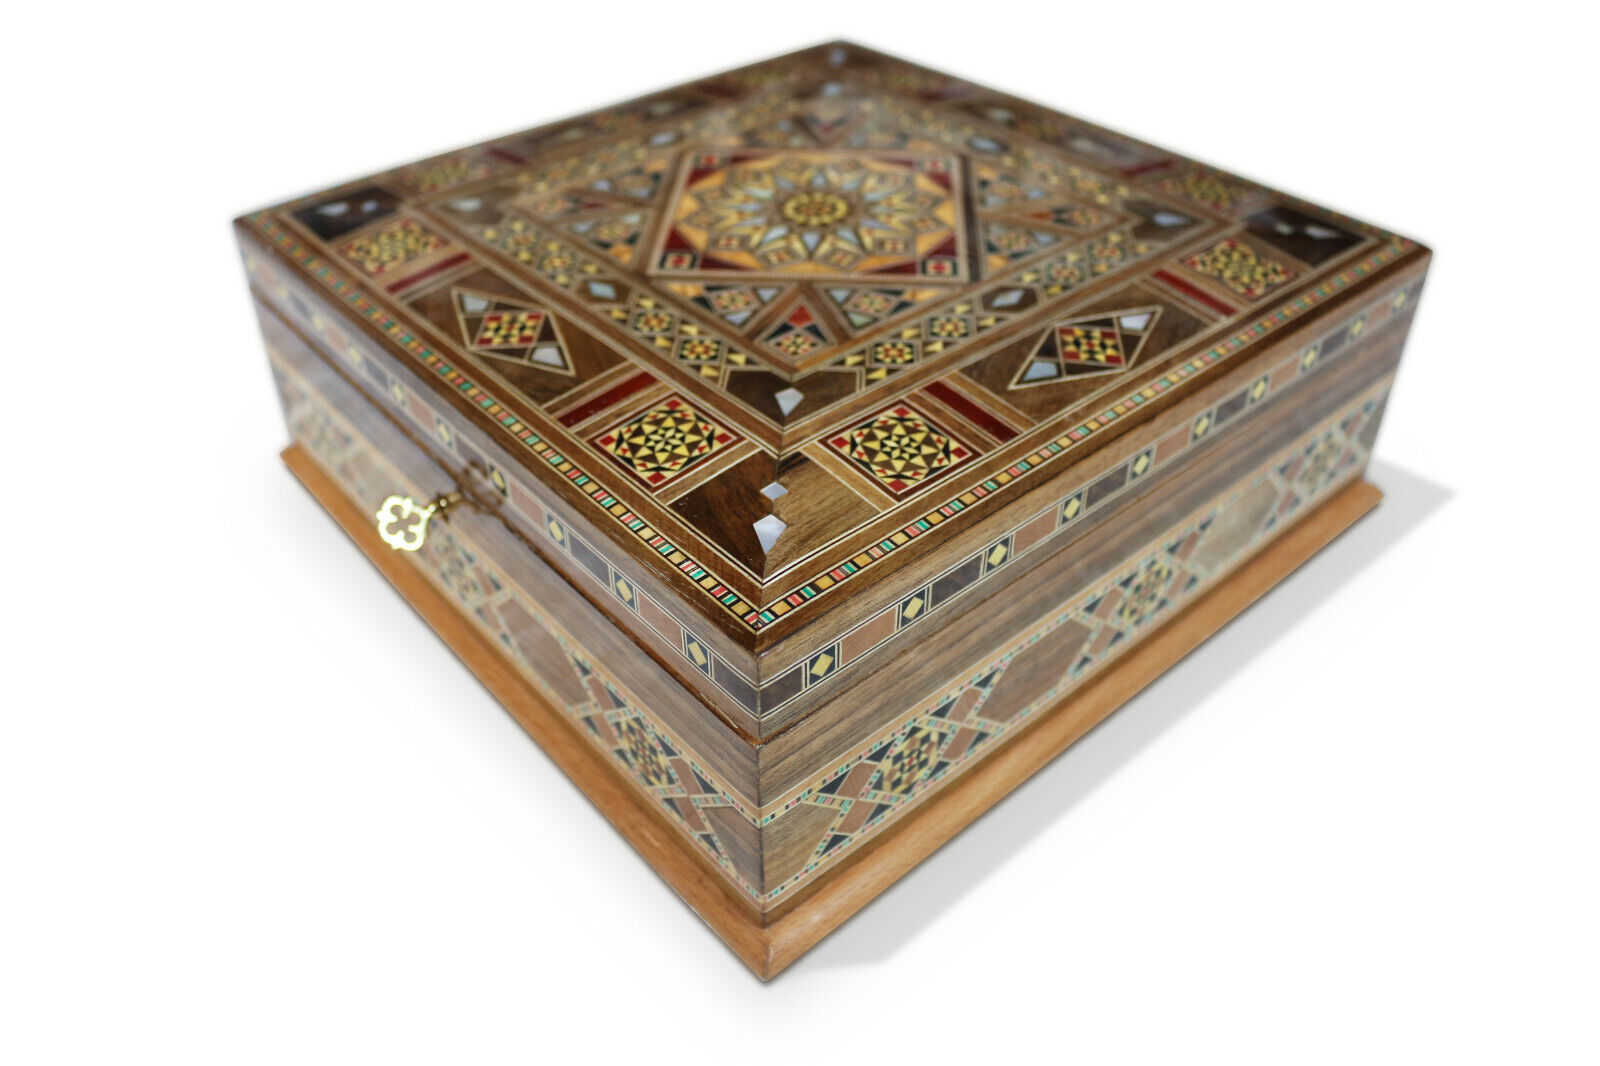 Schmuckkasten Holzschatulle  mit Perlmutt  Kunsthandwerk,Schmuckbox,Damaskunst